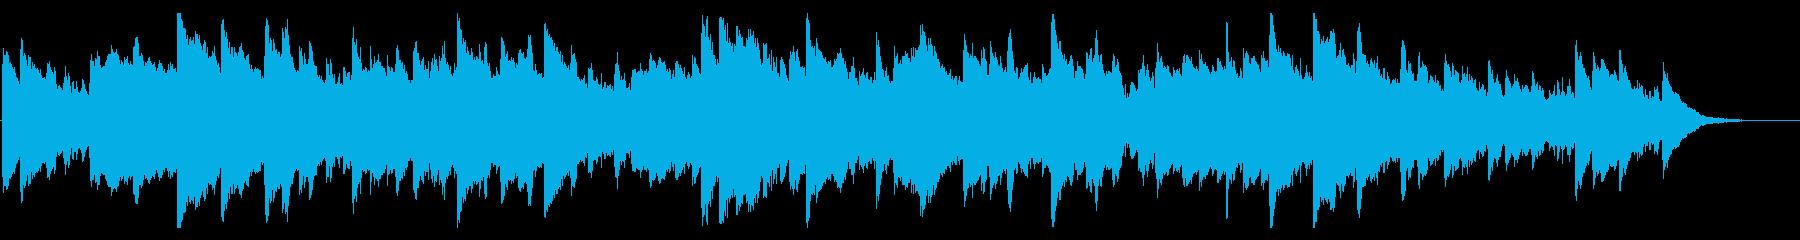 メルヘン 鉄琴 グロッケン チェレスタの再生済みの波形